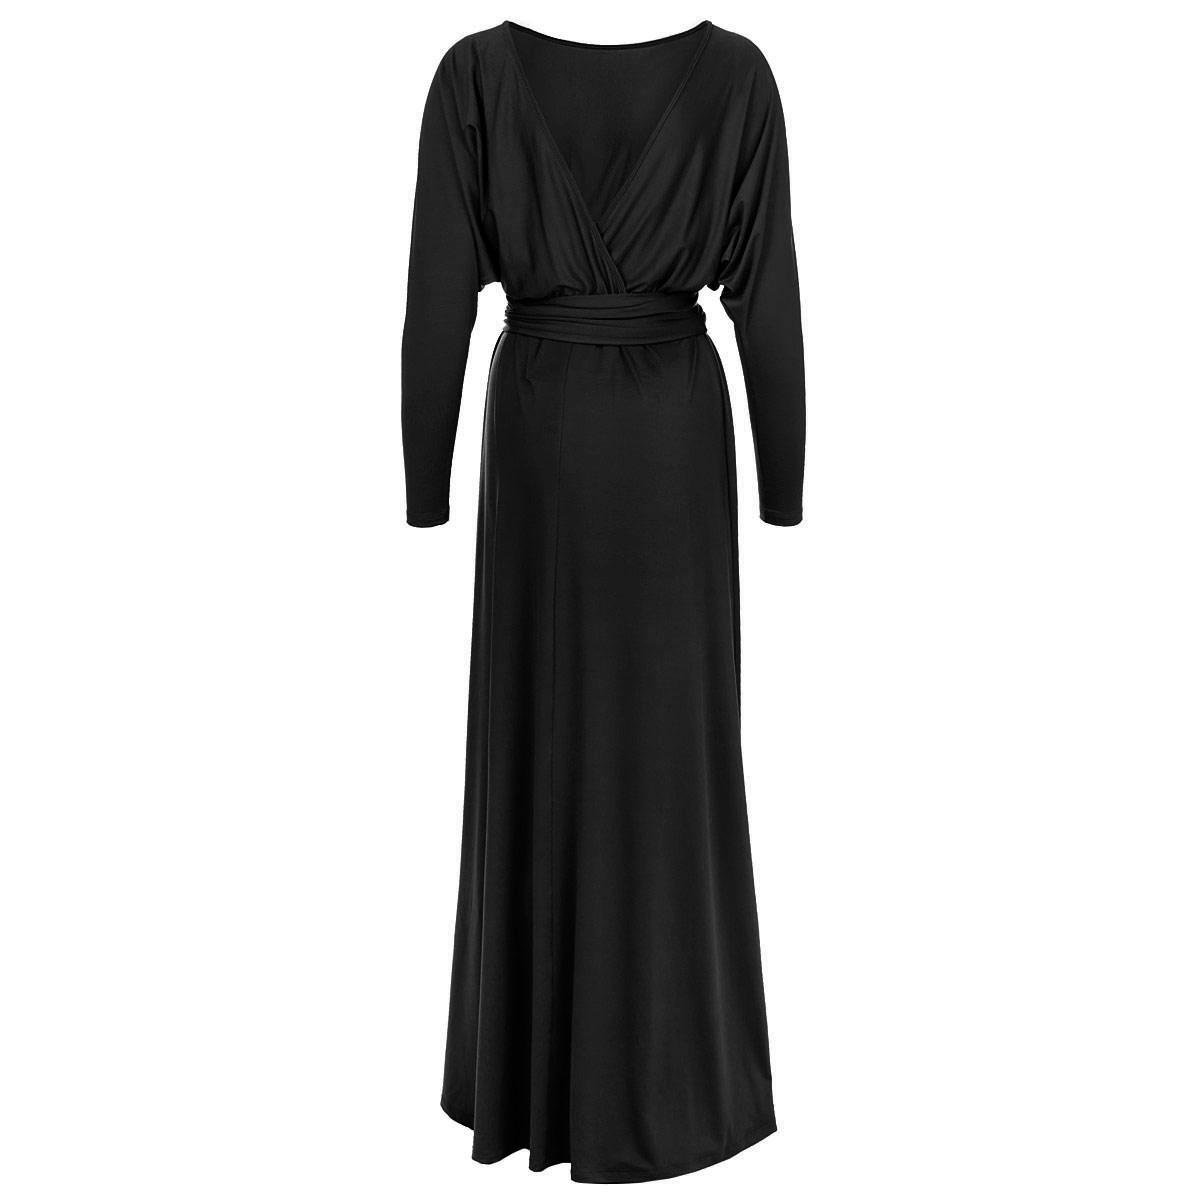 Платье. 70277027Шикарное платье Mondigo макси-длины выполнено из высококачественного материала - микрофибры с небольшим добавлением эластана, приятного на ощупь. Модель приталенного силуэта с круглым вырезом горловины. Верхняя часть платья выполнена в виде летучей мыши со свободными длинными рукавами. На спинке - глубокий V-образный вырез с эффектом запаха. На талии предусмотрена сборка на резинку. Дополнительно подчеркнуть талию поможет эластичный пояс. Стильное платье - прекрасный вариант для создания вечернего образа.